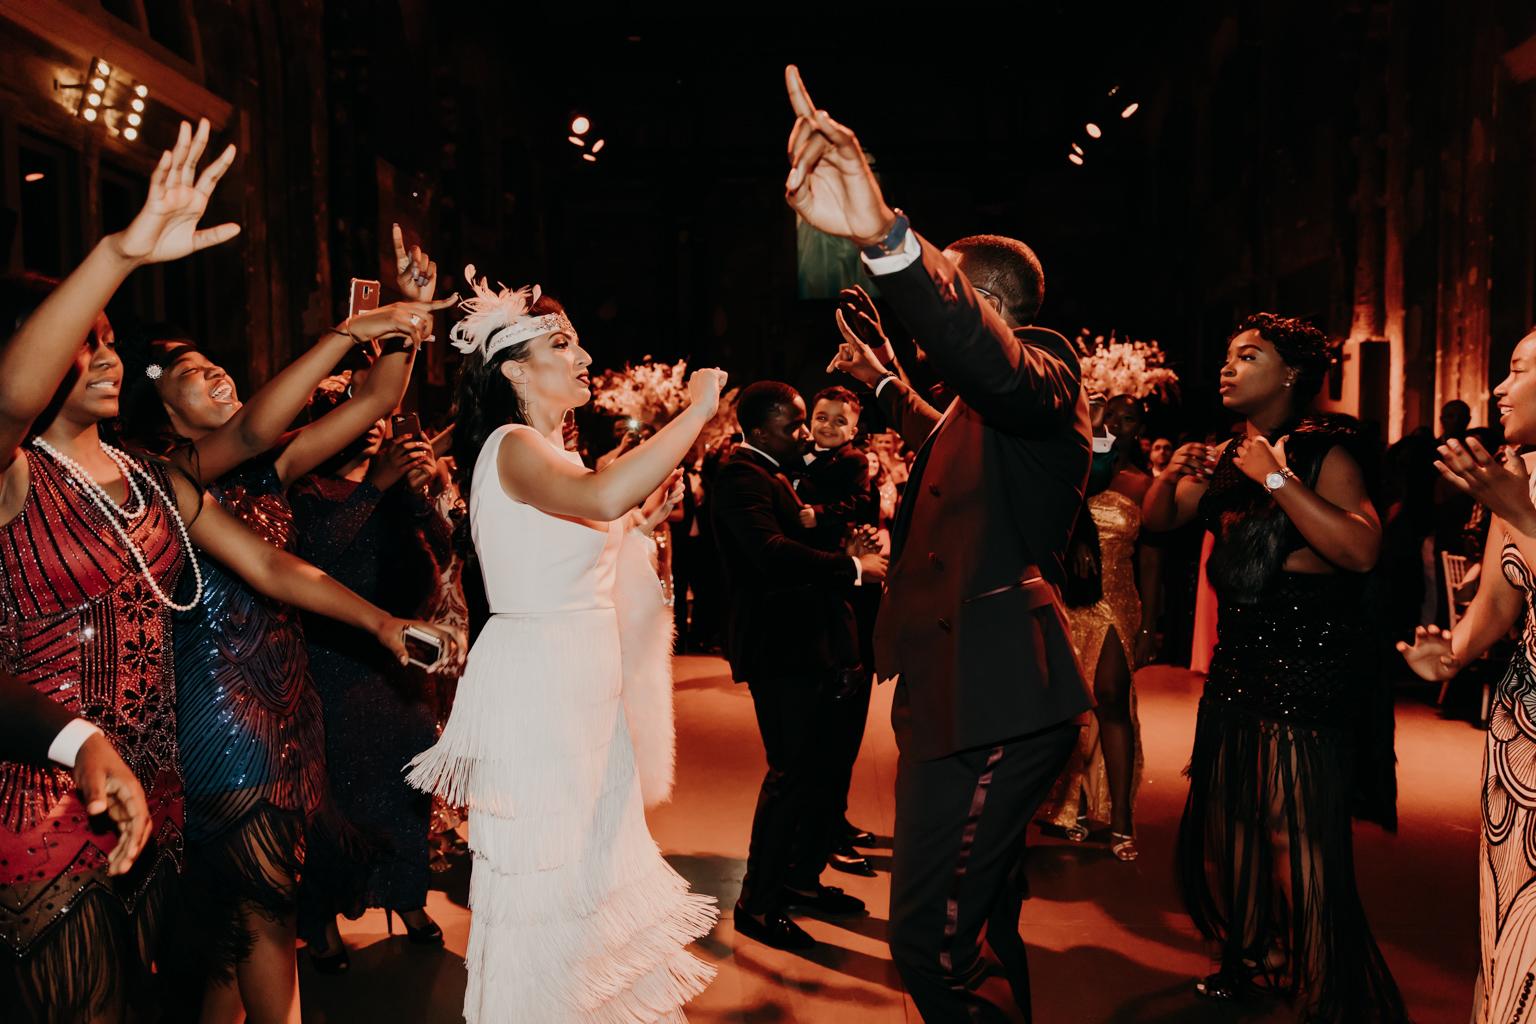 huwelijksfotografie_antwerpen_roxannedanckers-109.jpg